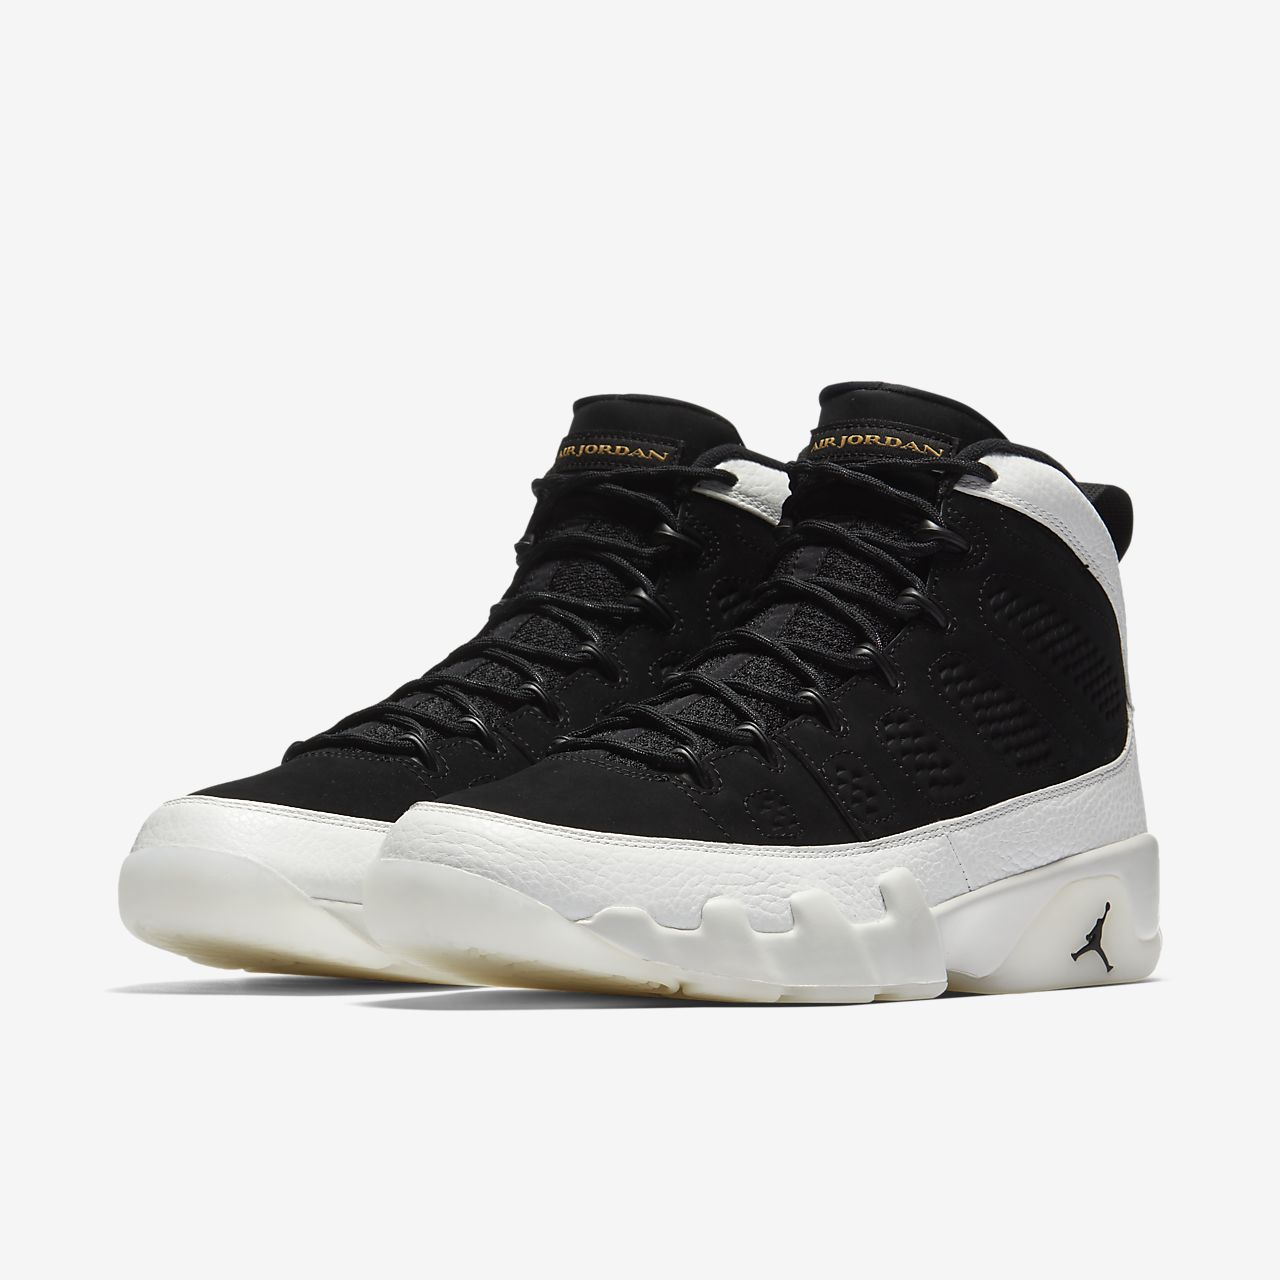 superior quality f002f b05d4 Air Jordan 9 Retro Men's Shoe